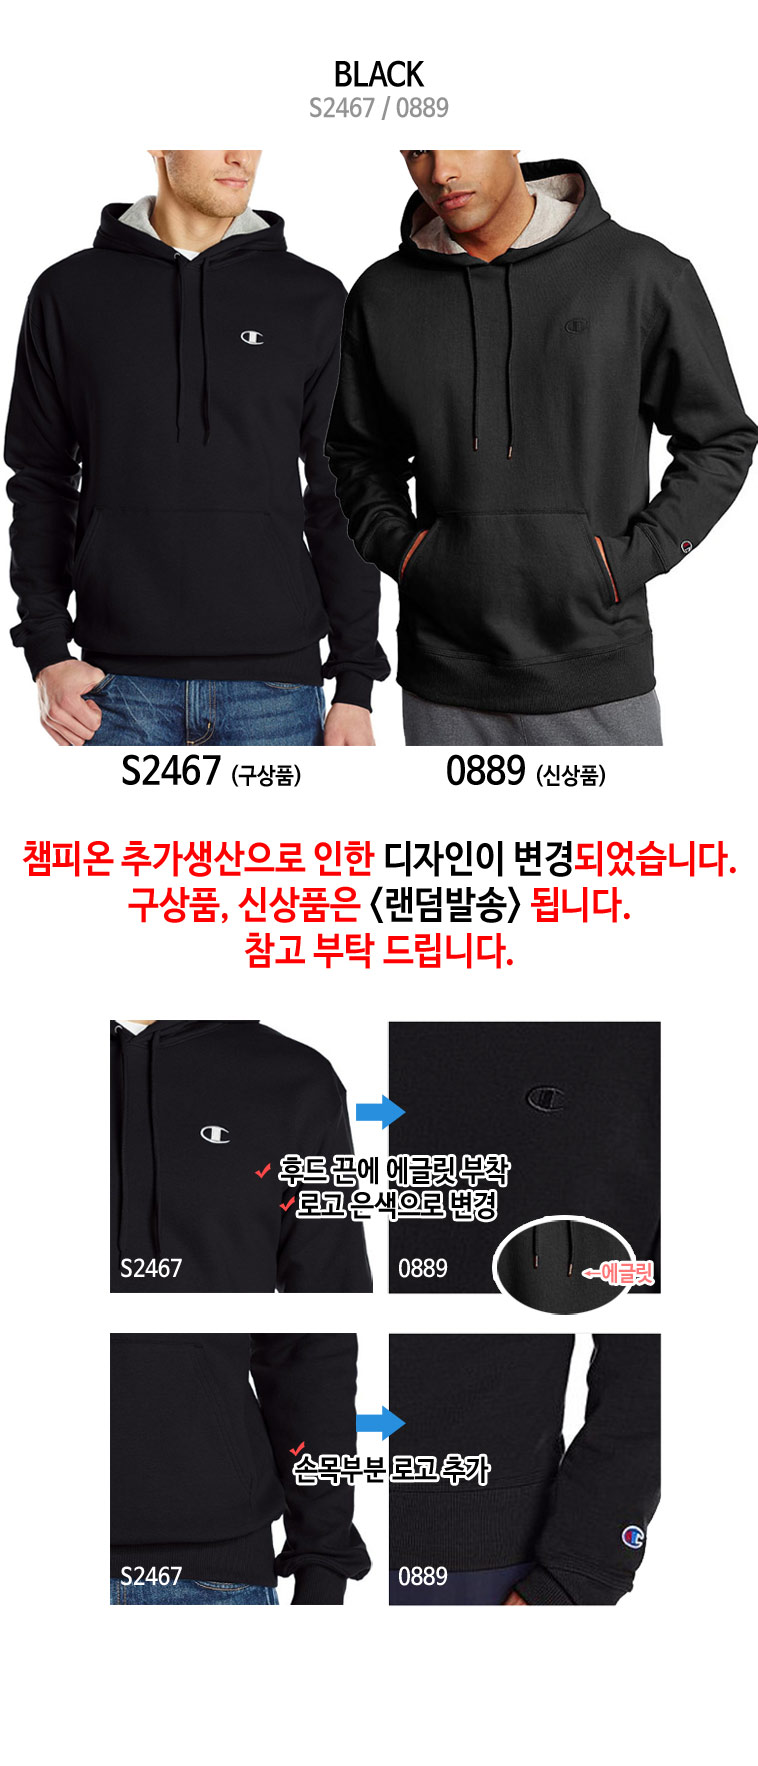 챔피온 맨투맨/후드 - 상세정보